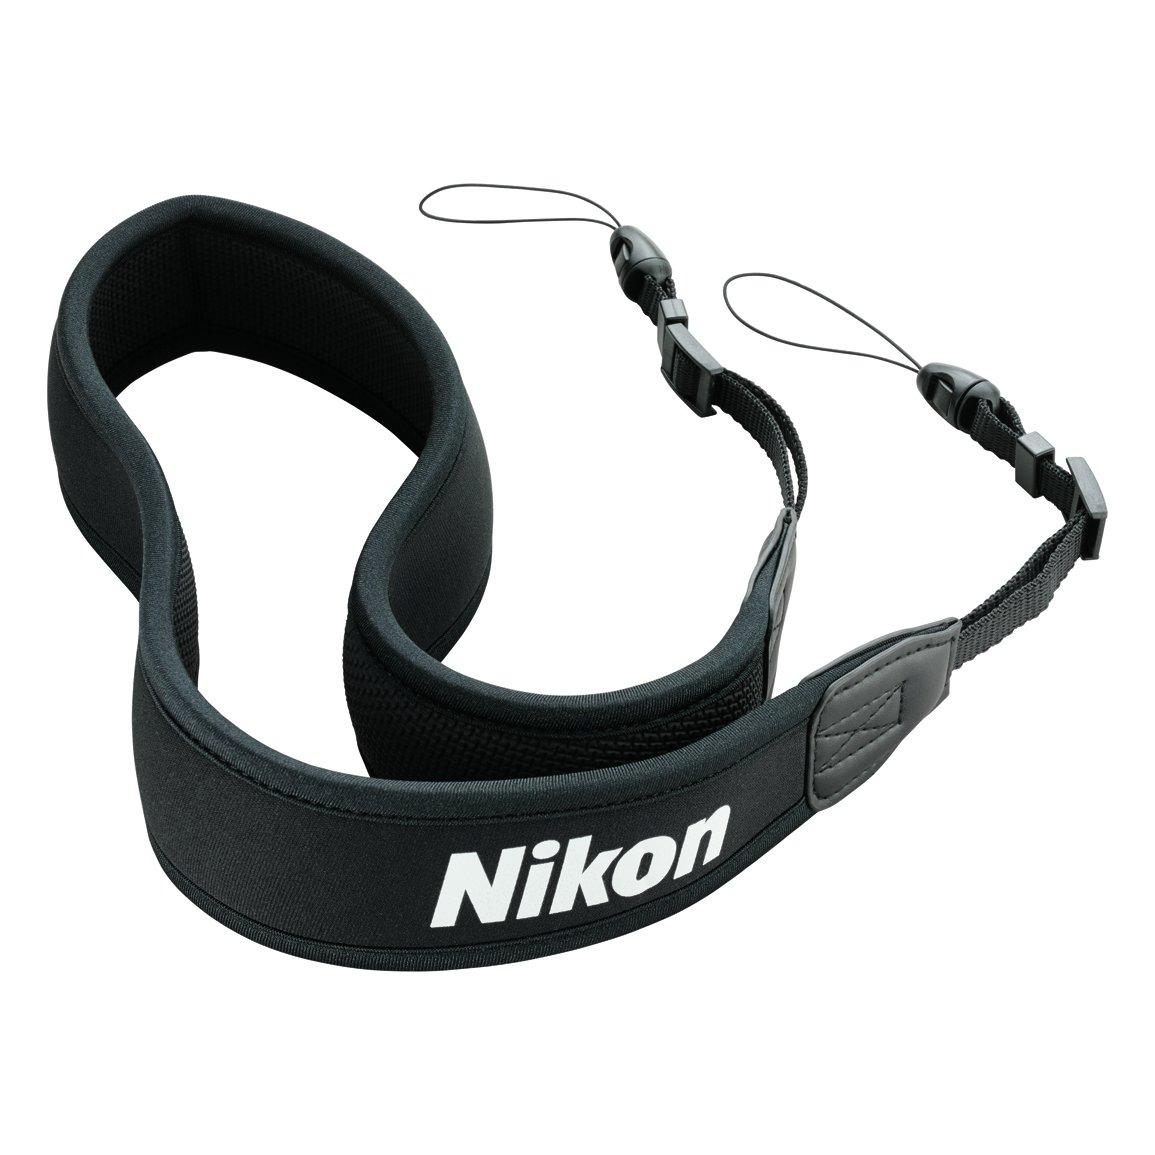 Nikon binocalarストラップ B06Y37F32S